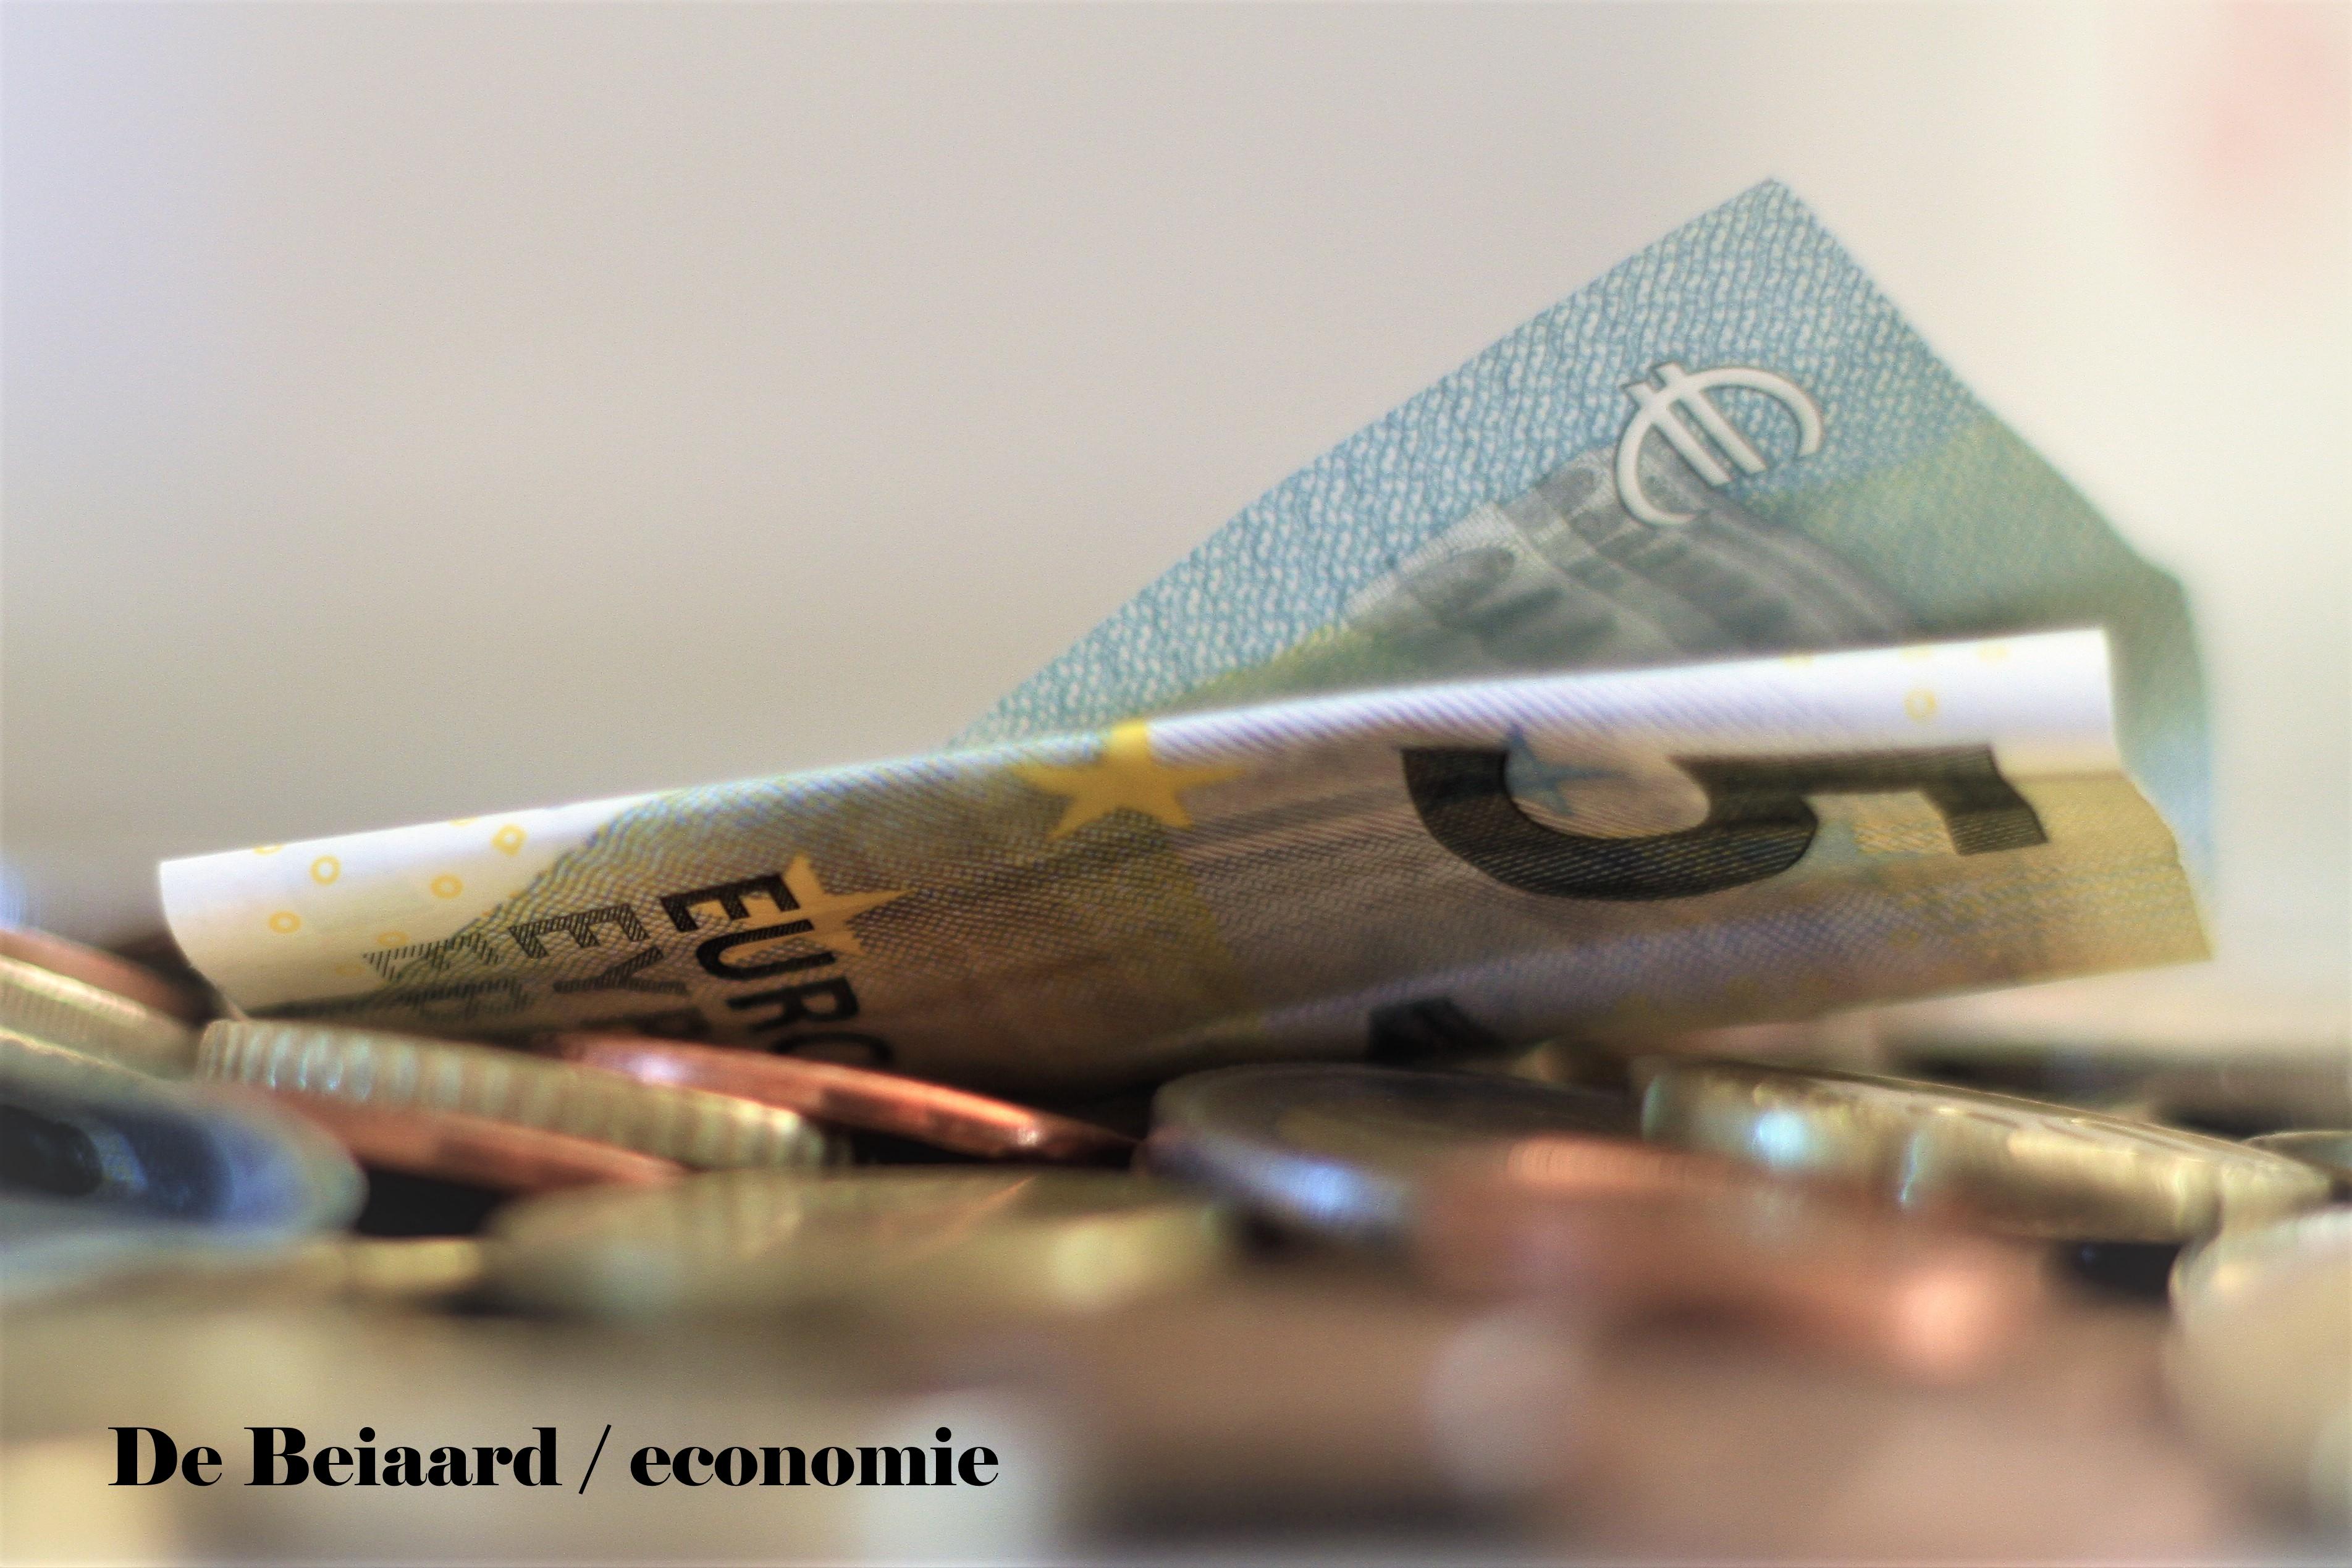 economie en geld www debeiaard com 2.jpg